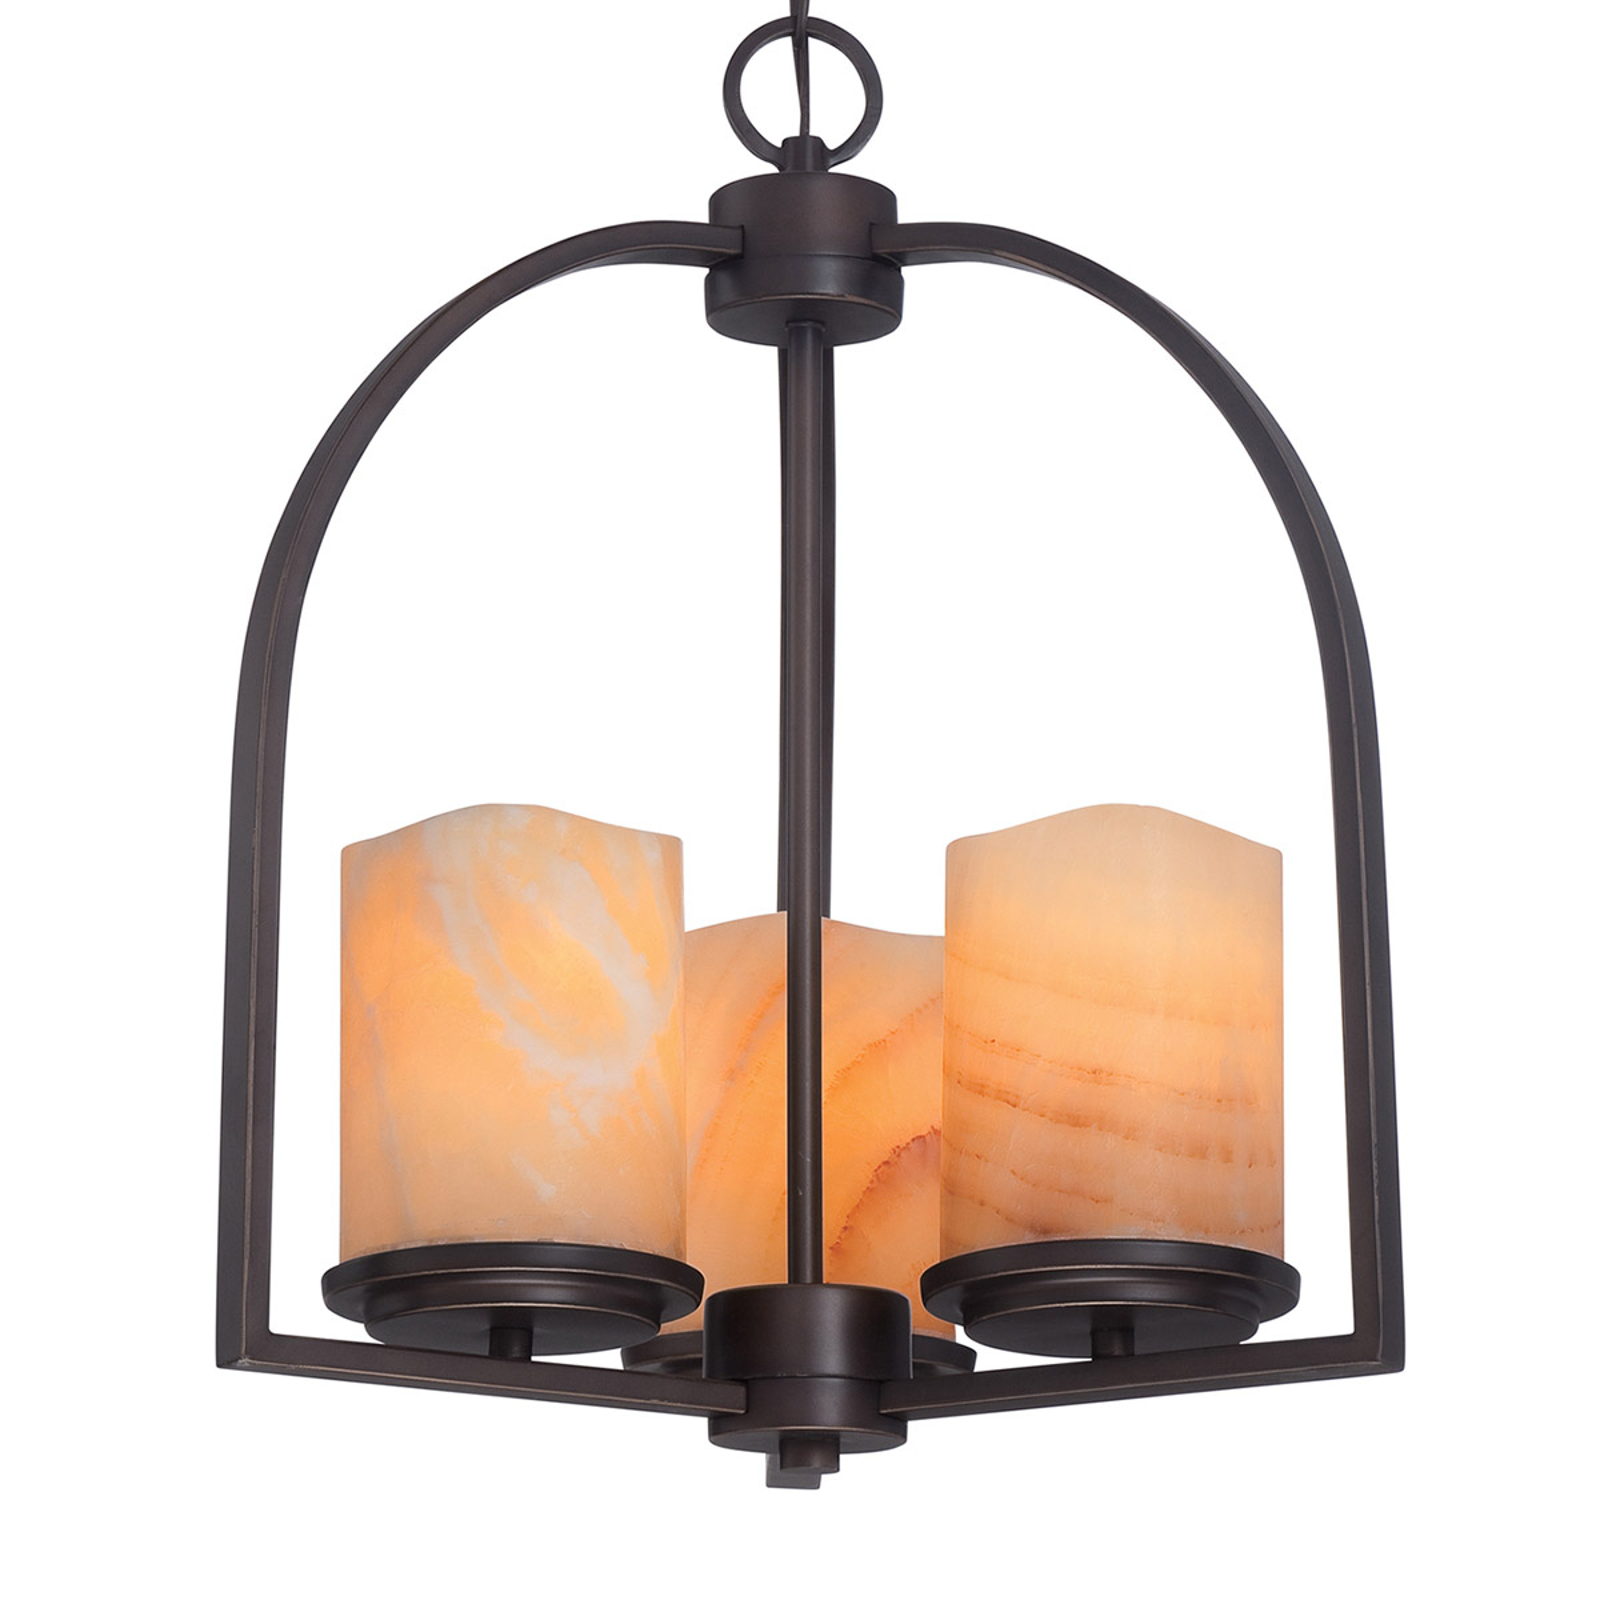 3-light hanging lamp Aldora_3048339_1